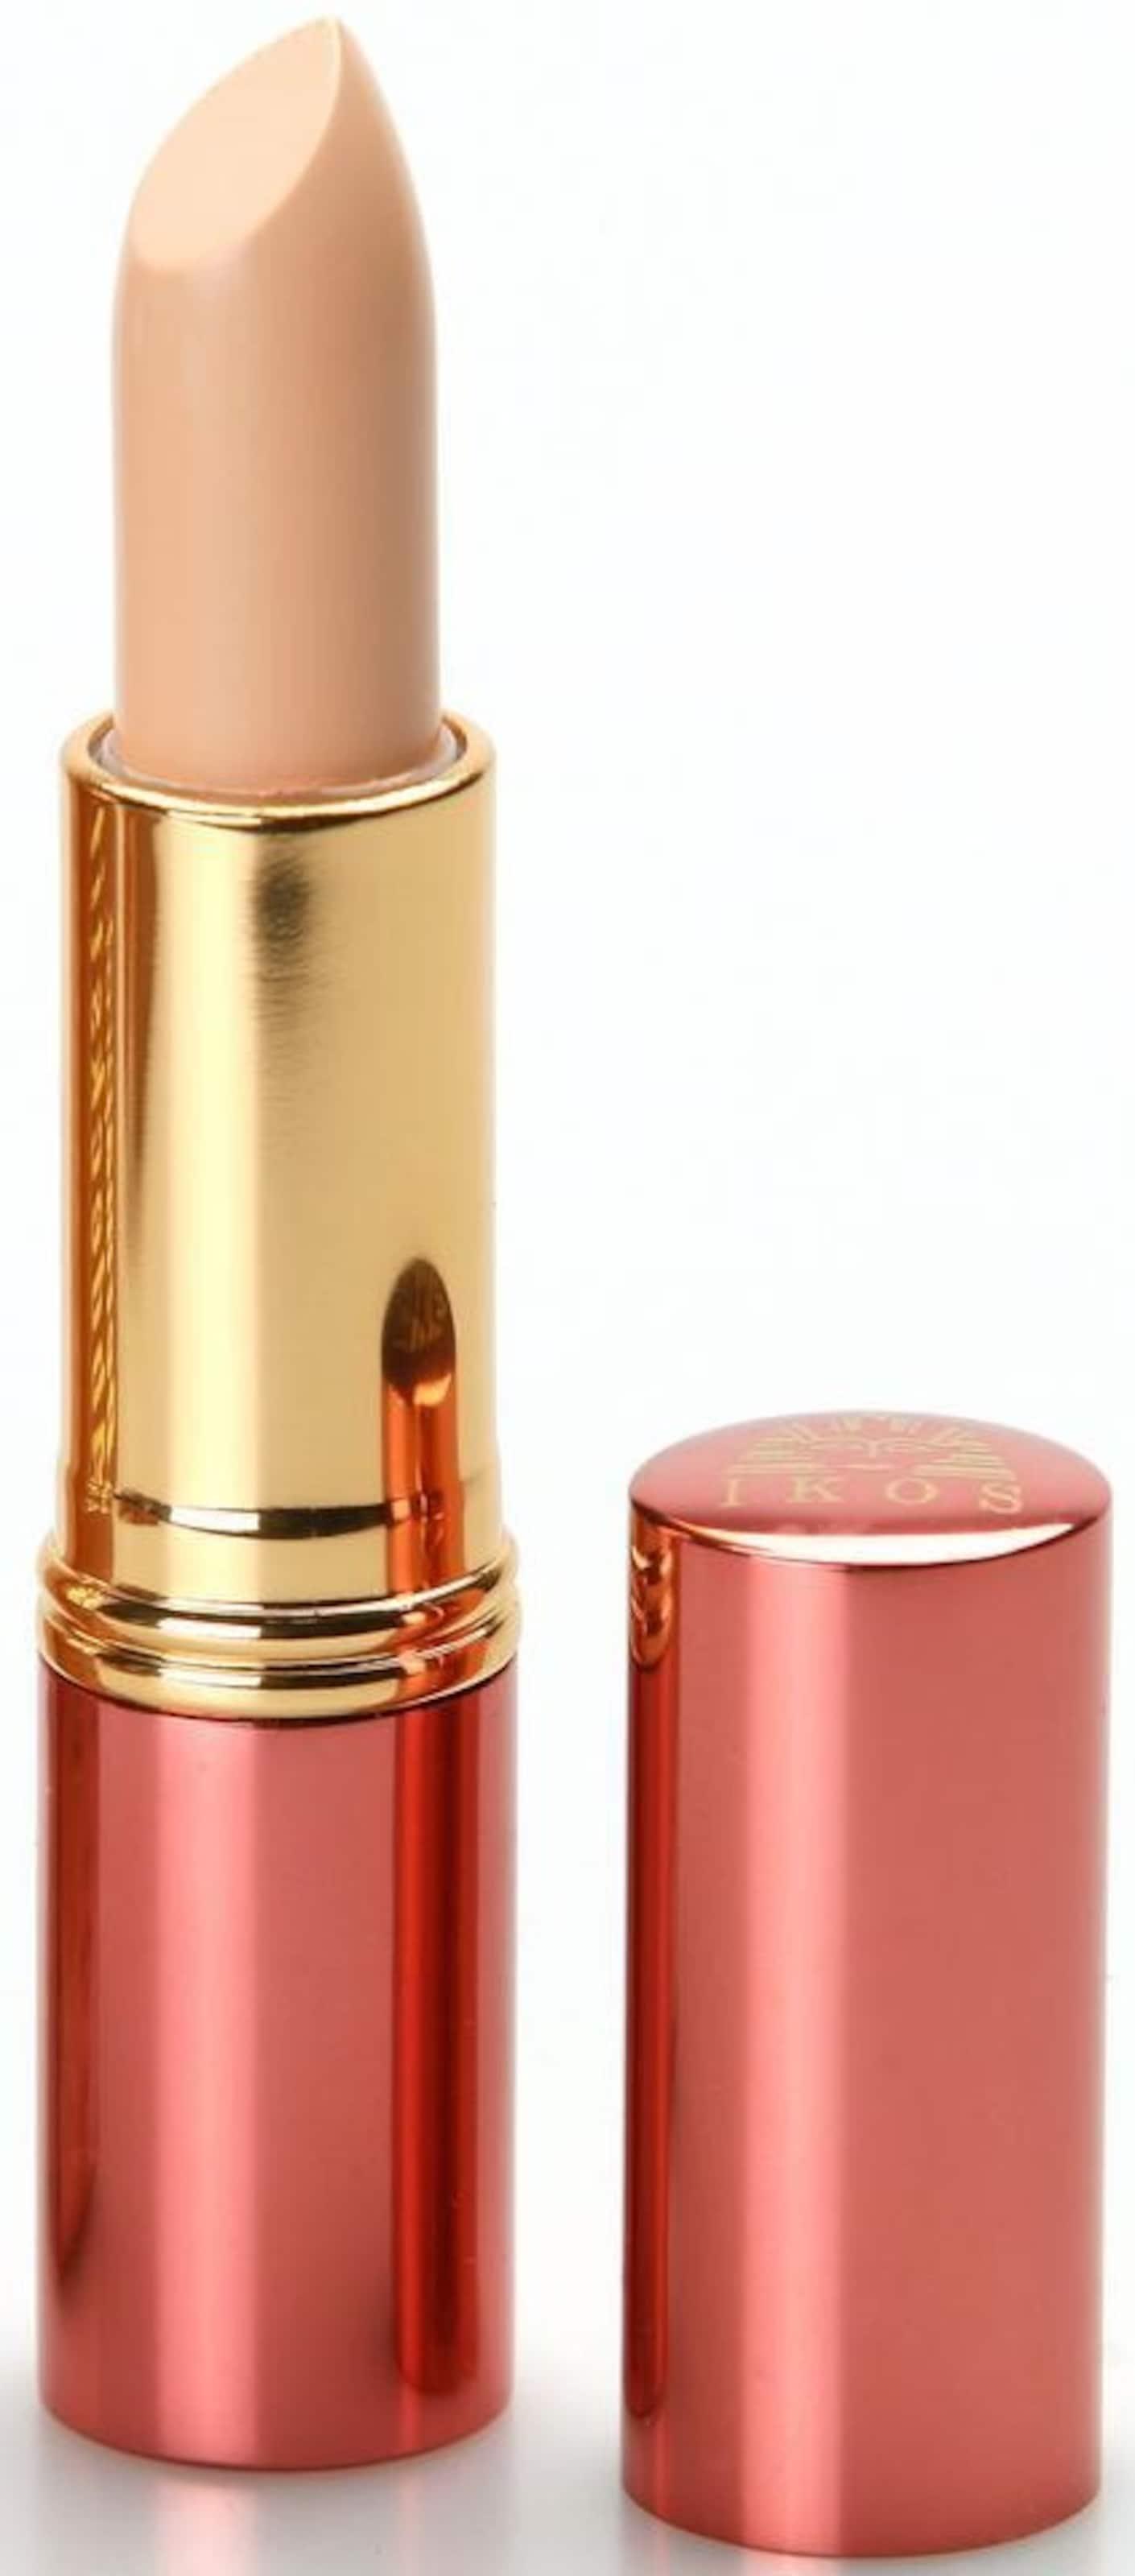 Ikos DermaprofAbdeckstift Nude In Ikos DermaprofAbdeckstift In OPk8wn0NX